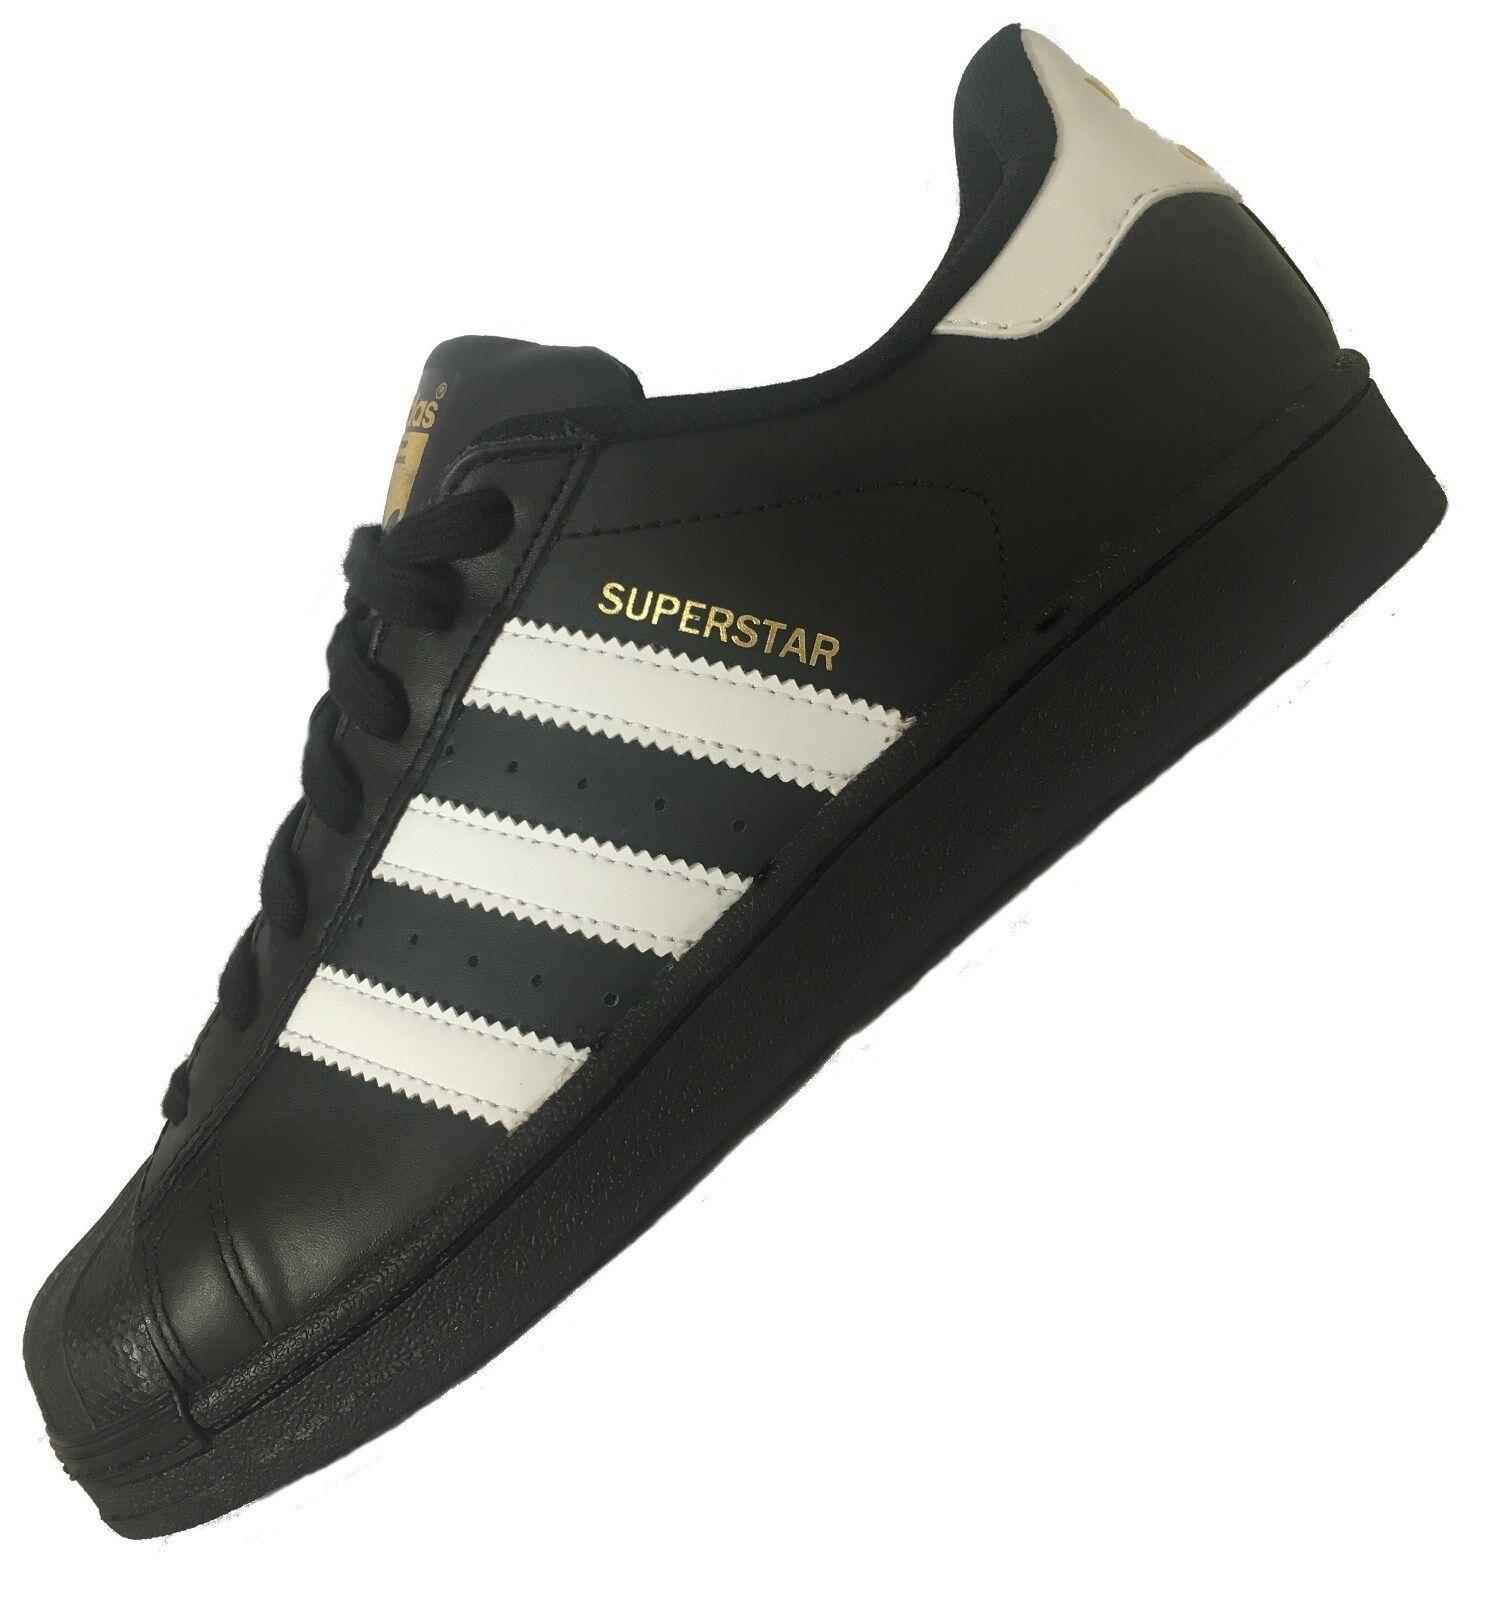 Adidas Superstar Foundation Schwarz / Weiß Unisex Turnschuhe Herren Sneaker NEU